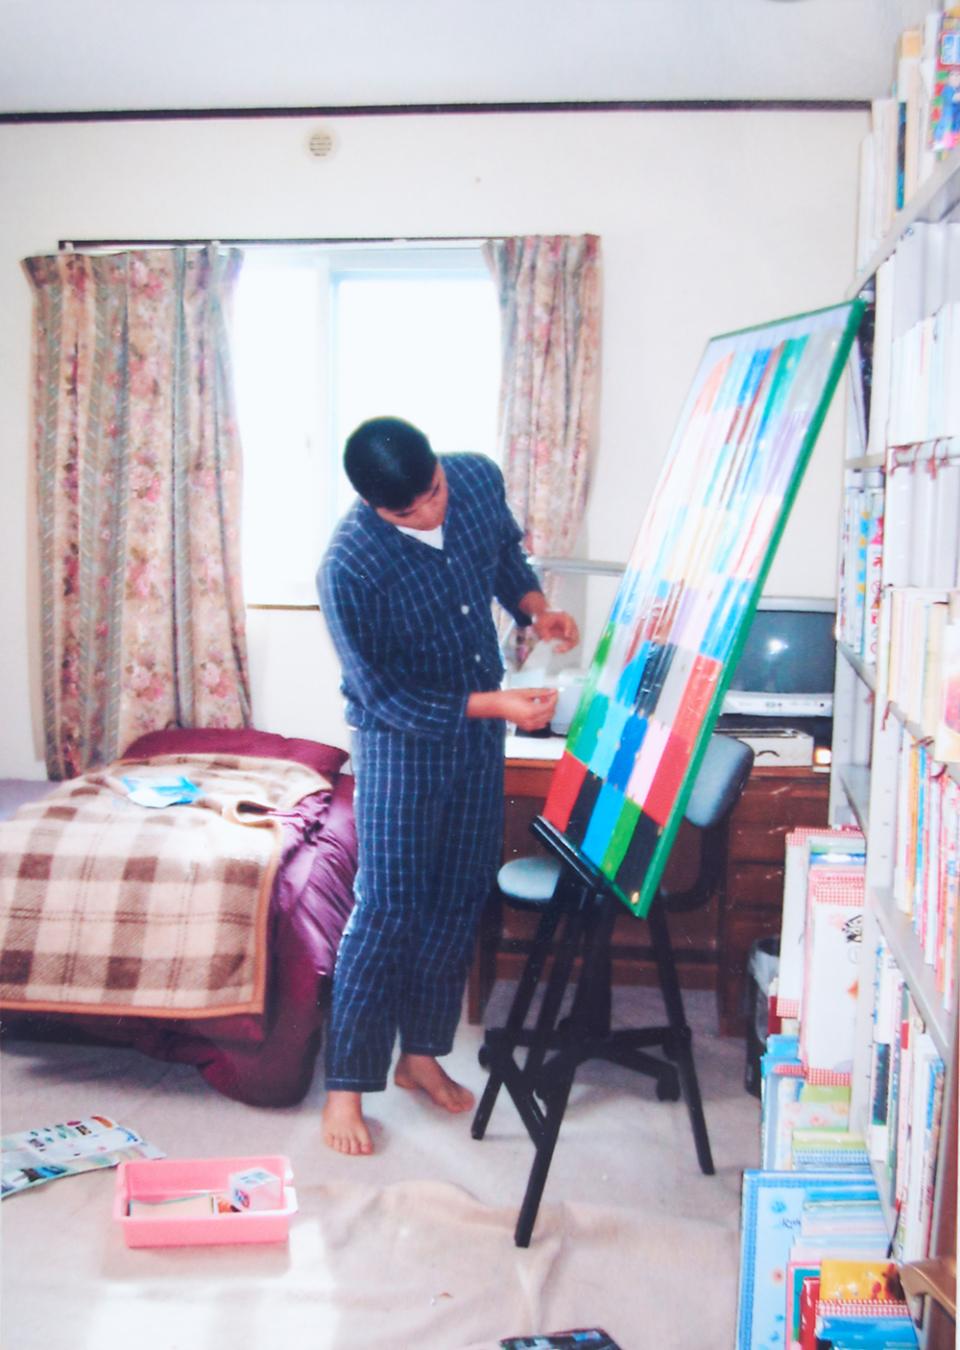 (写真について)自宅新築のための仮住まい中、いつものテーブルがなくて不便だが、イーゼルを立てて制作活動を続行した。